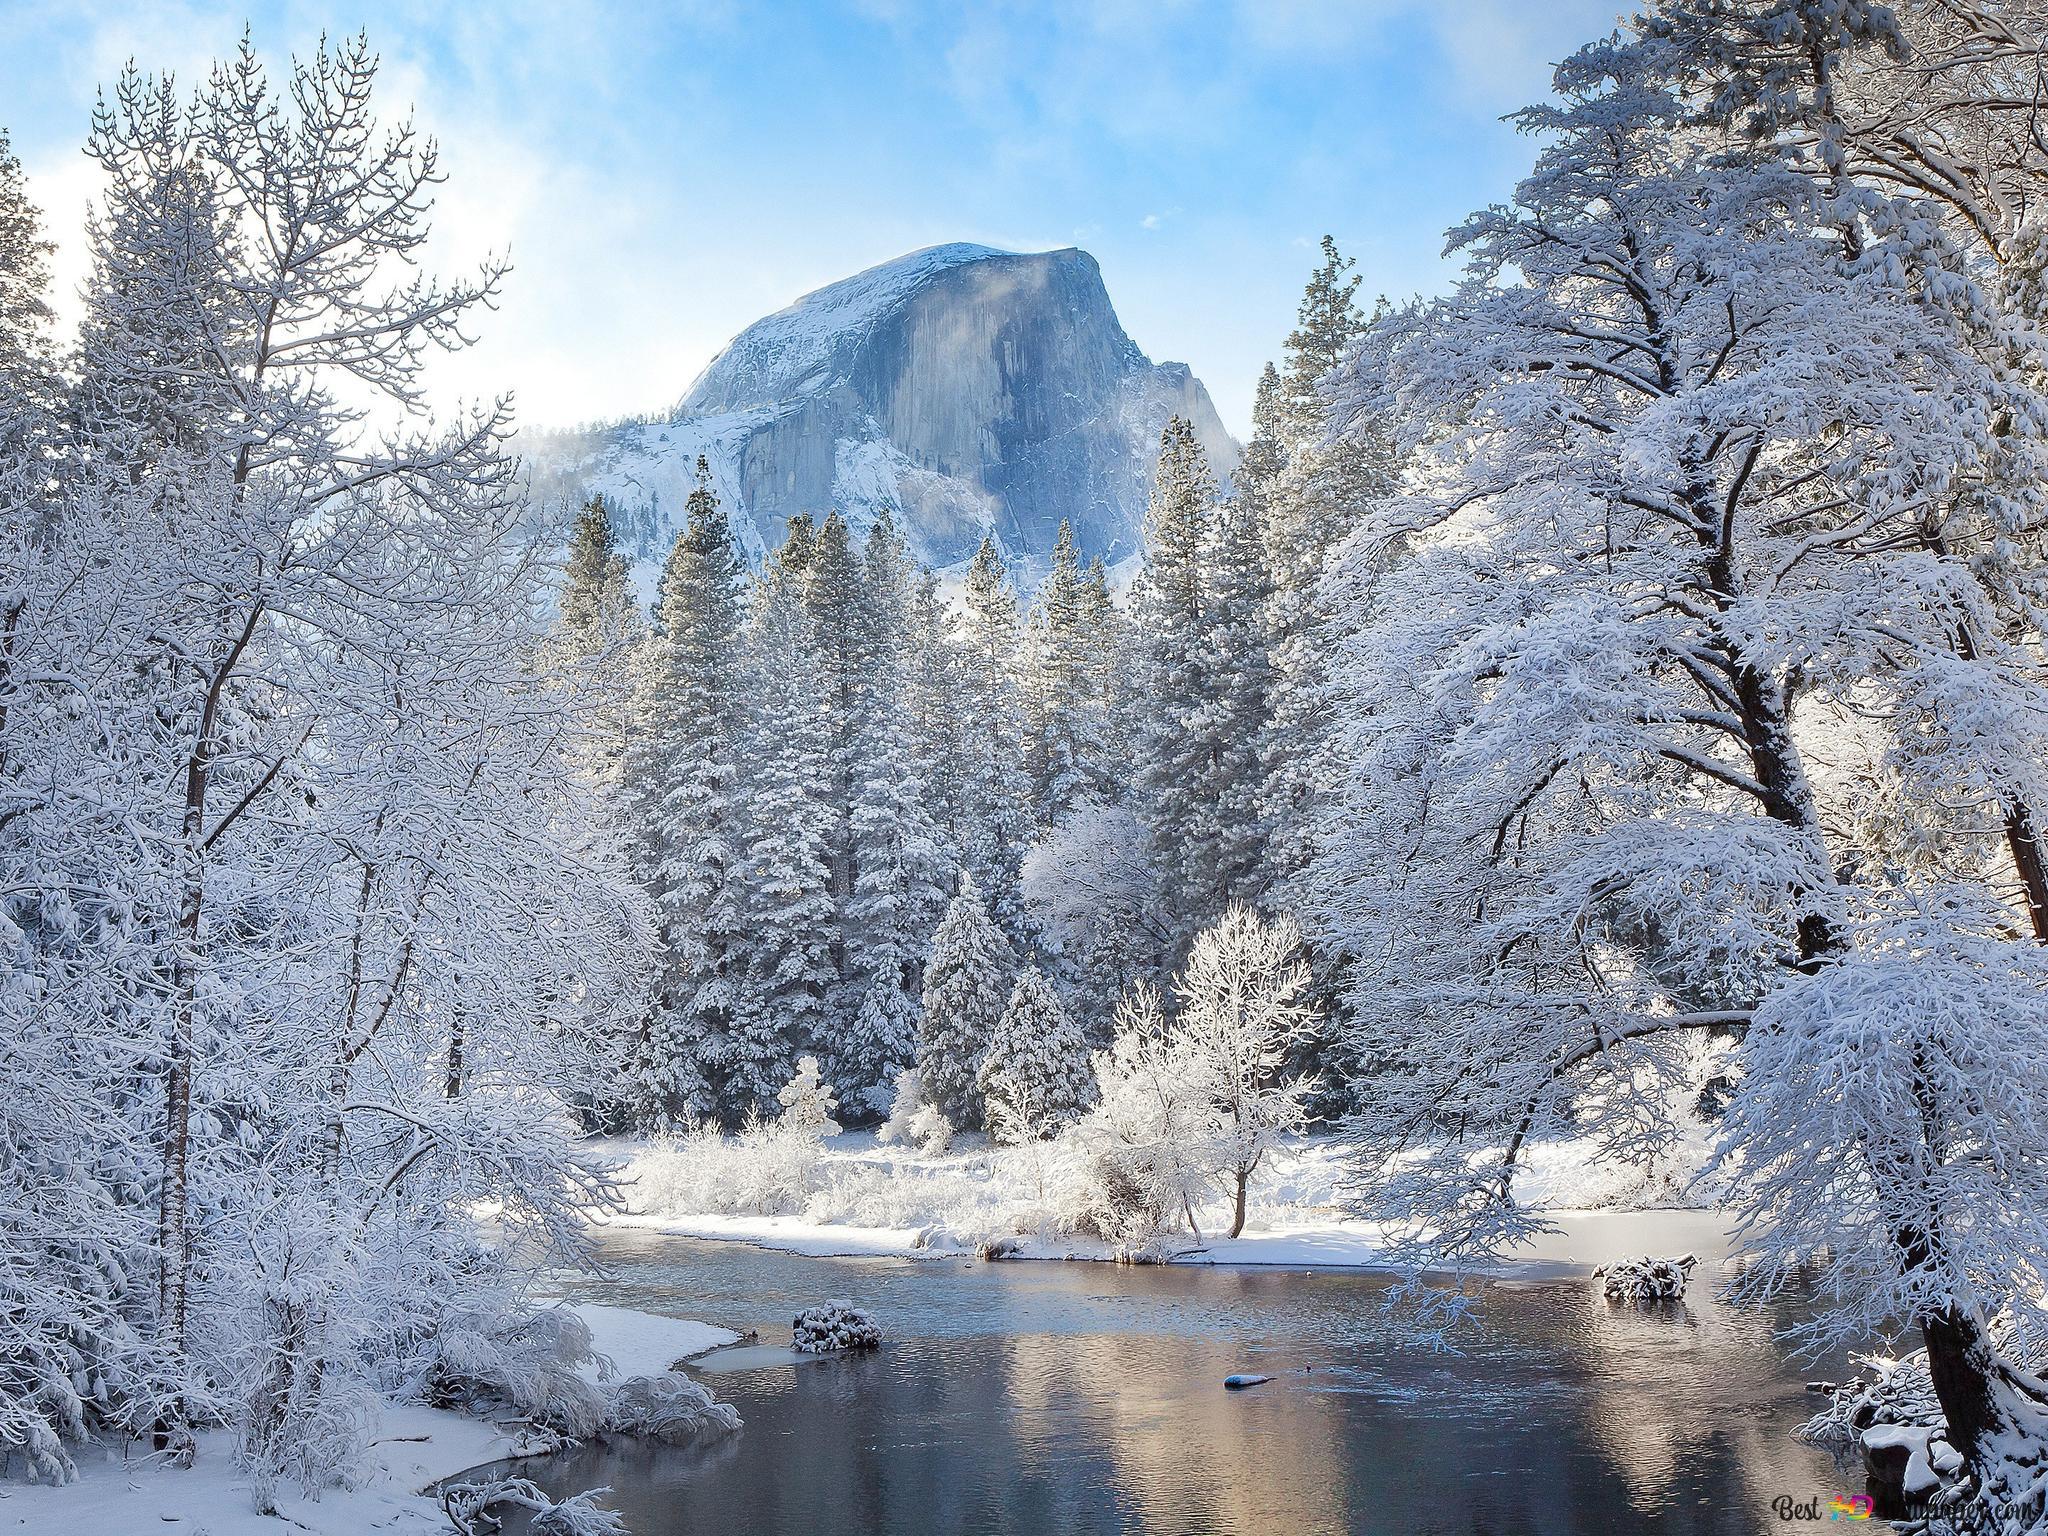 冬の風景 Hd壁紙のダウンロード